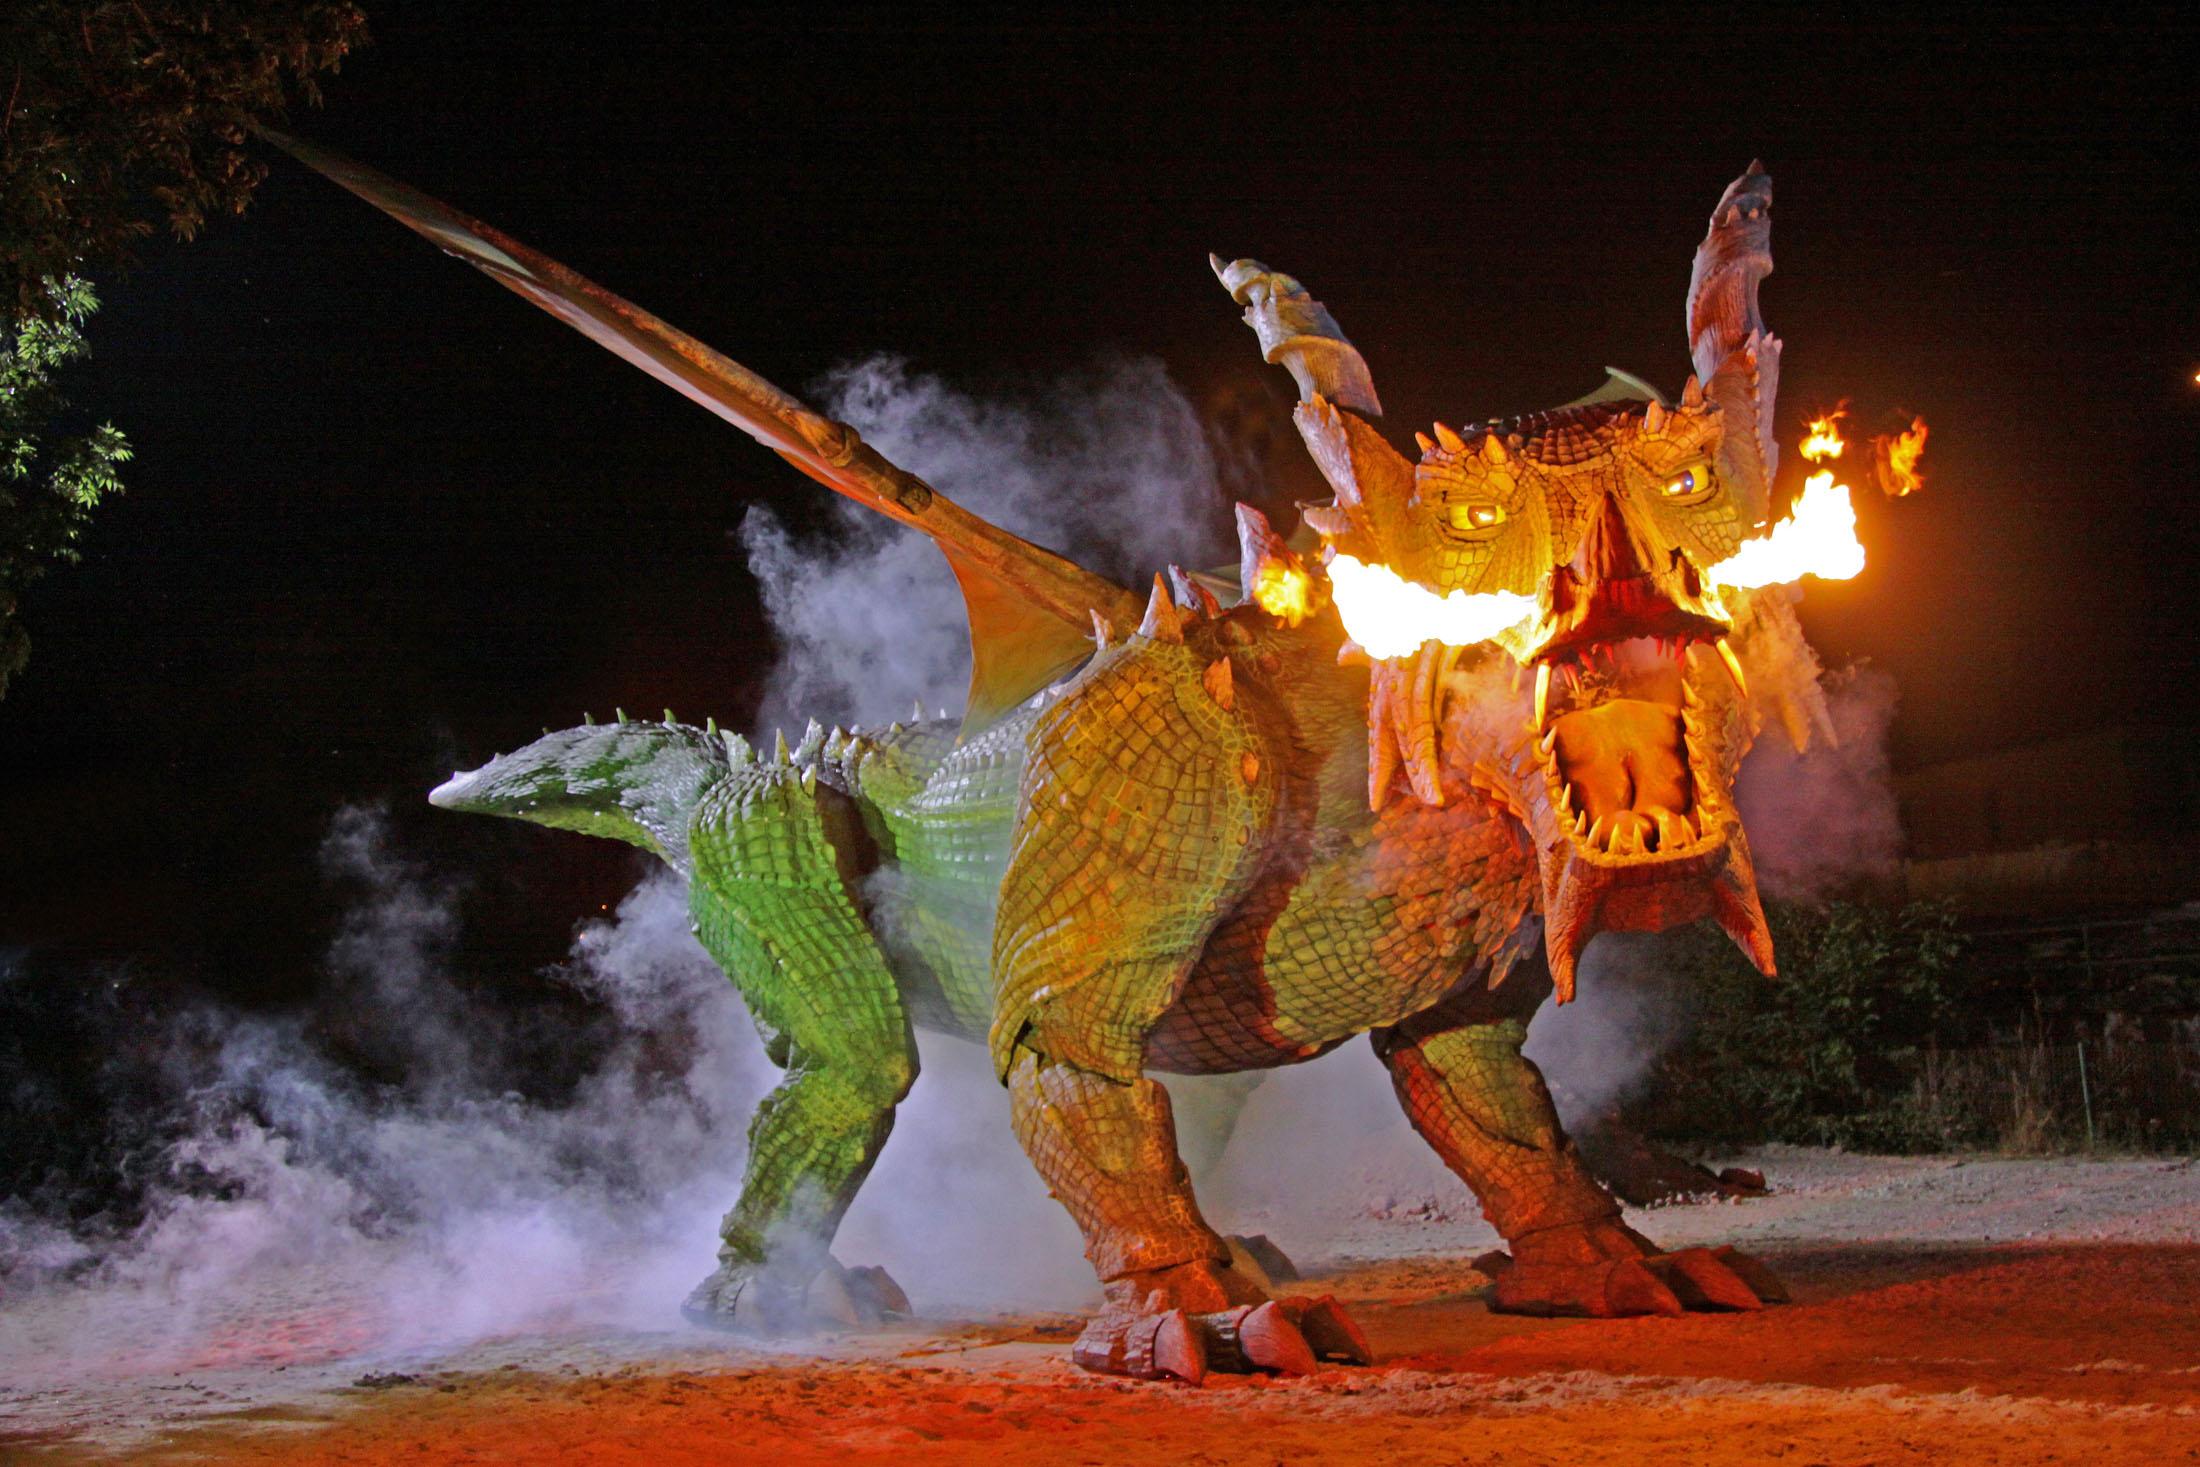 The fire-breathing dragon can also be visited in the summer months - Der Further Drache kann in den Sommermonaten auch in der Drachenhöhle besucht werden